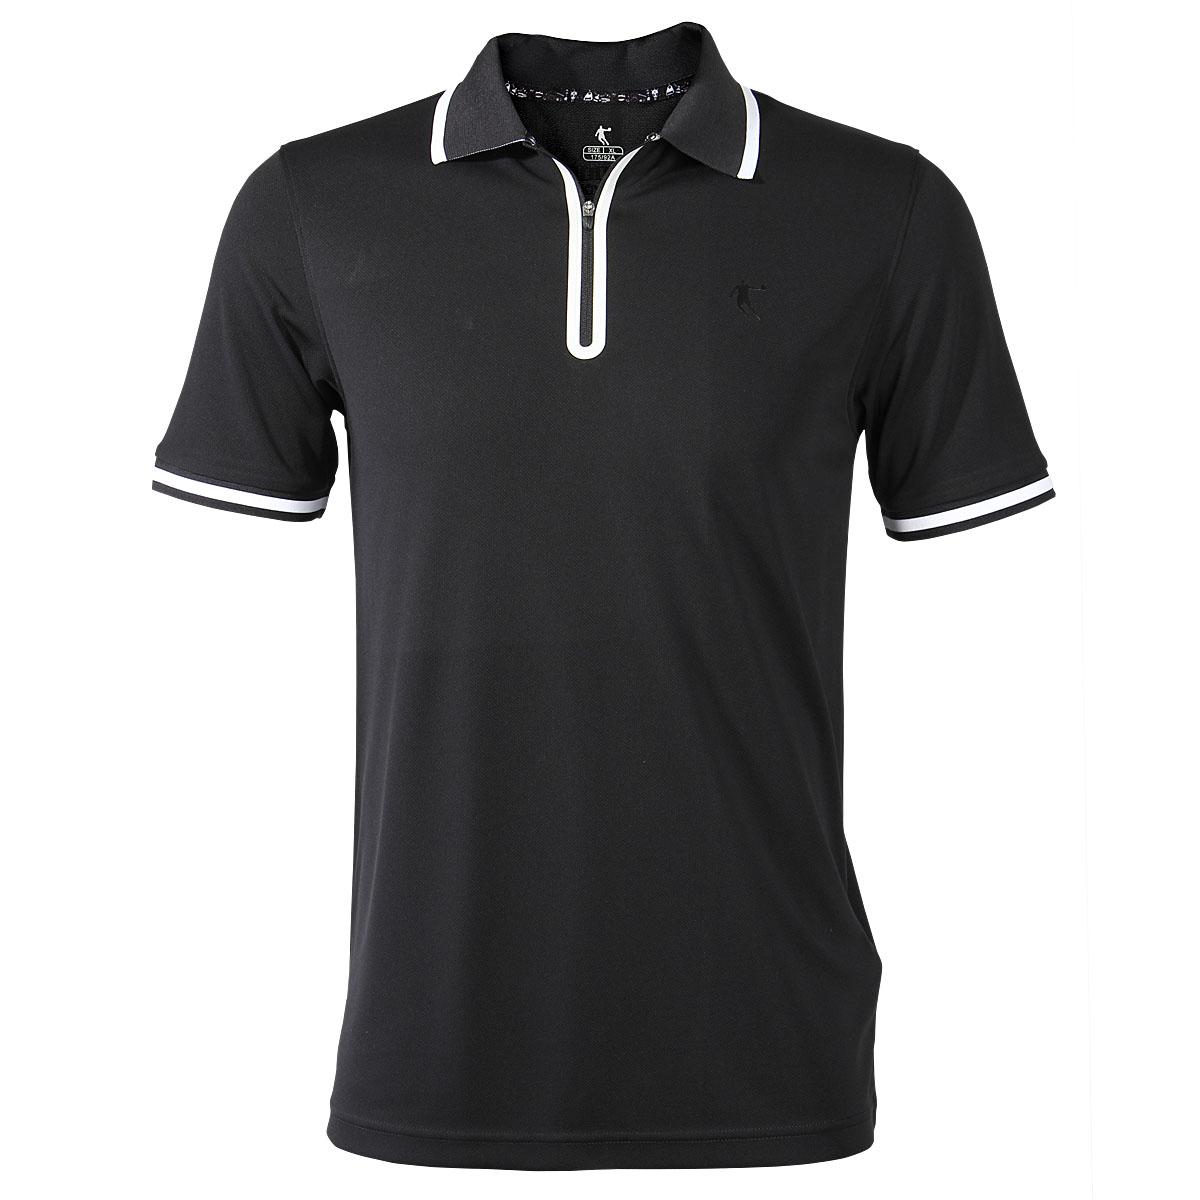 Спортивная футболка Jordan ots2334004/2 2013 OTS2334004 Свободный Отложной воротник Короткие рукава ( ≧35cm ) 100 хлопок Для спорта и отдыха Воздухопроницаемые, Влагопоглощающие, Быстросохнущие % Логотип бренда